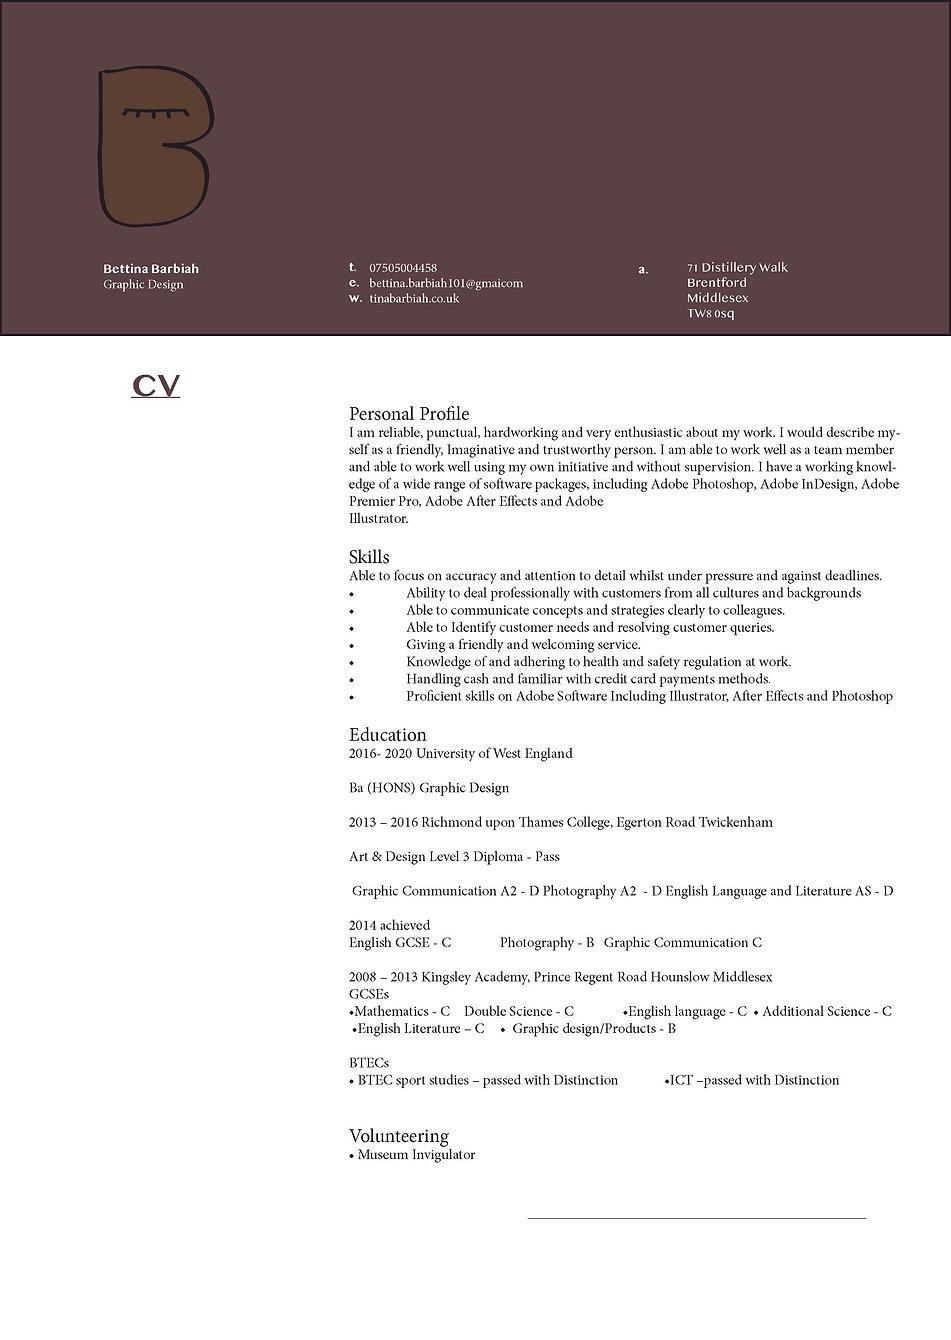 NEW DESIGNED CV .jpg